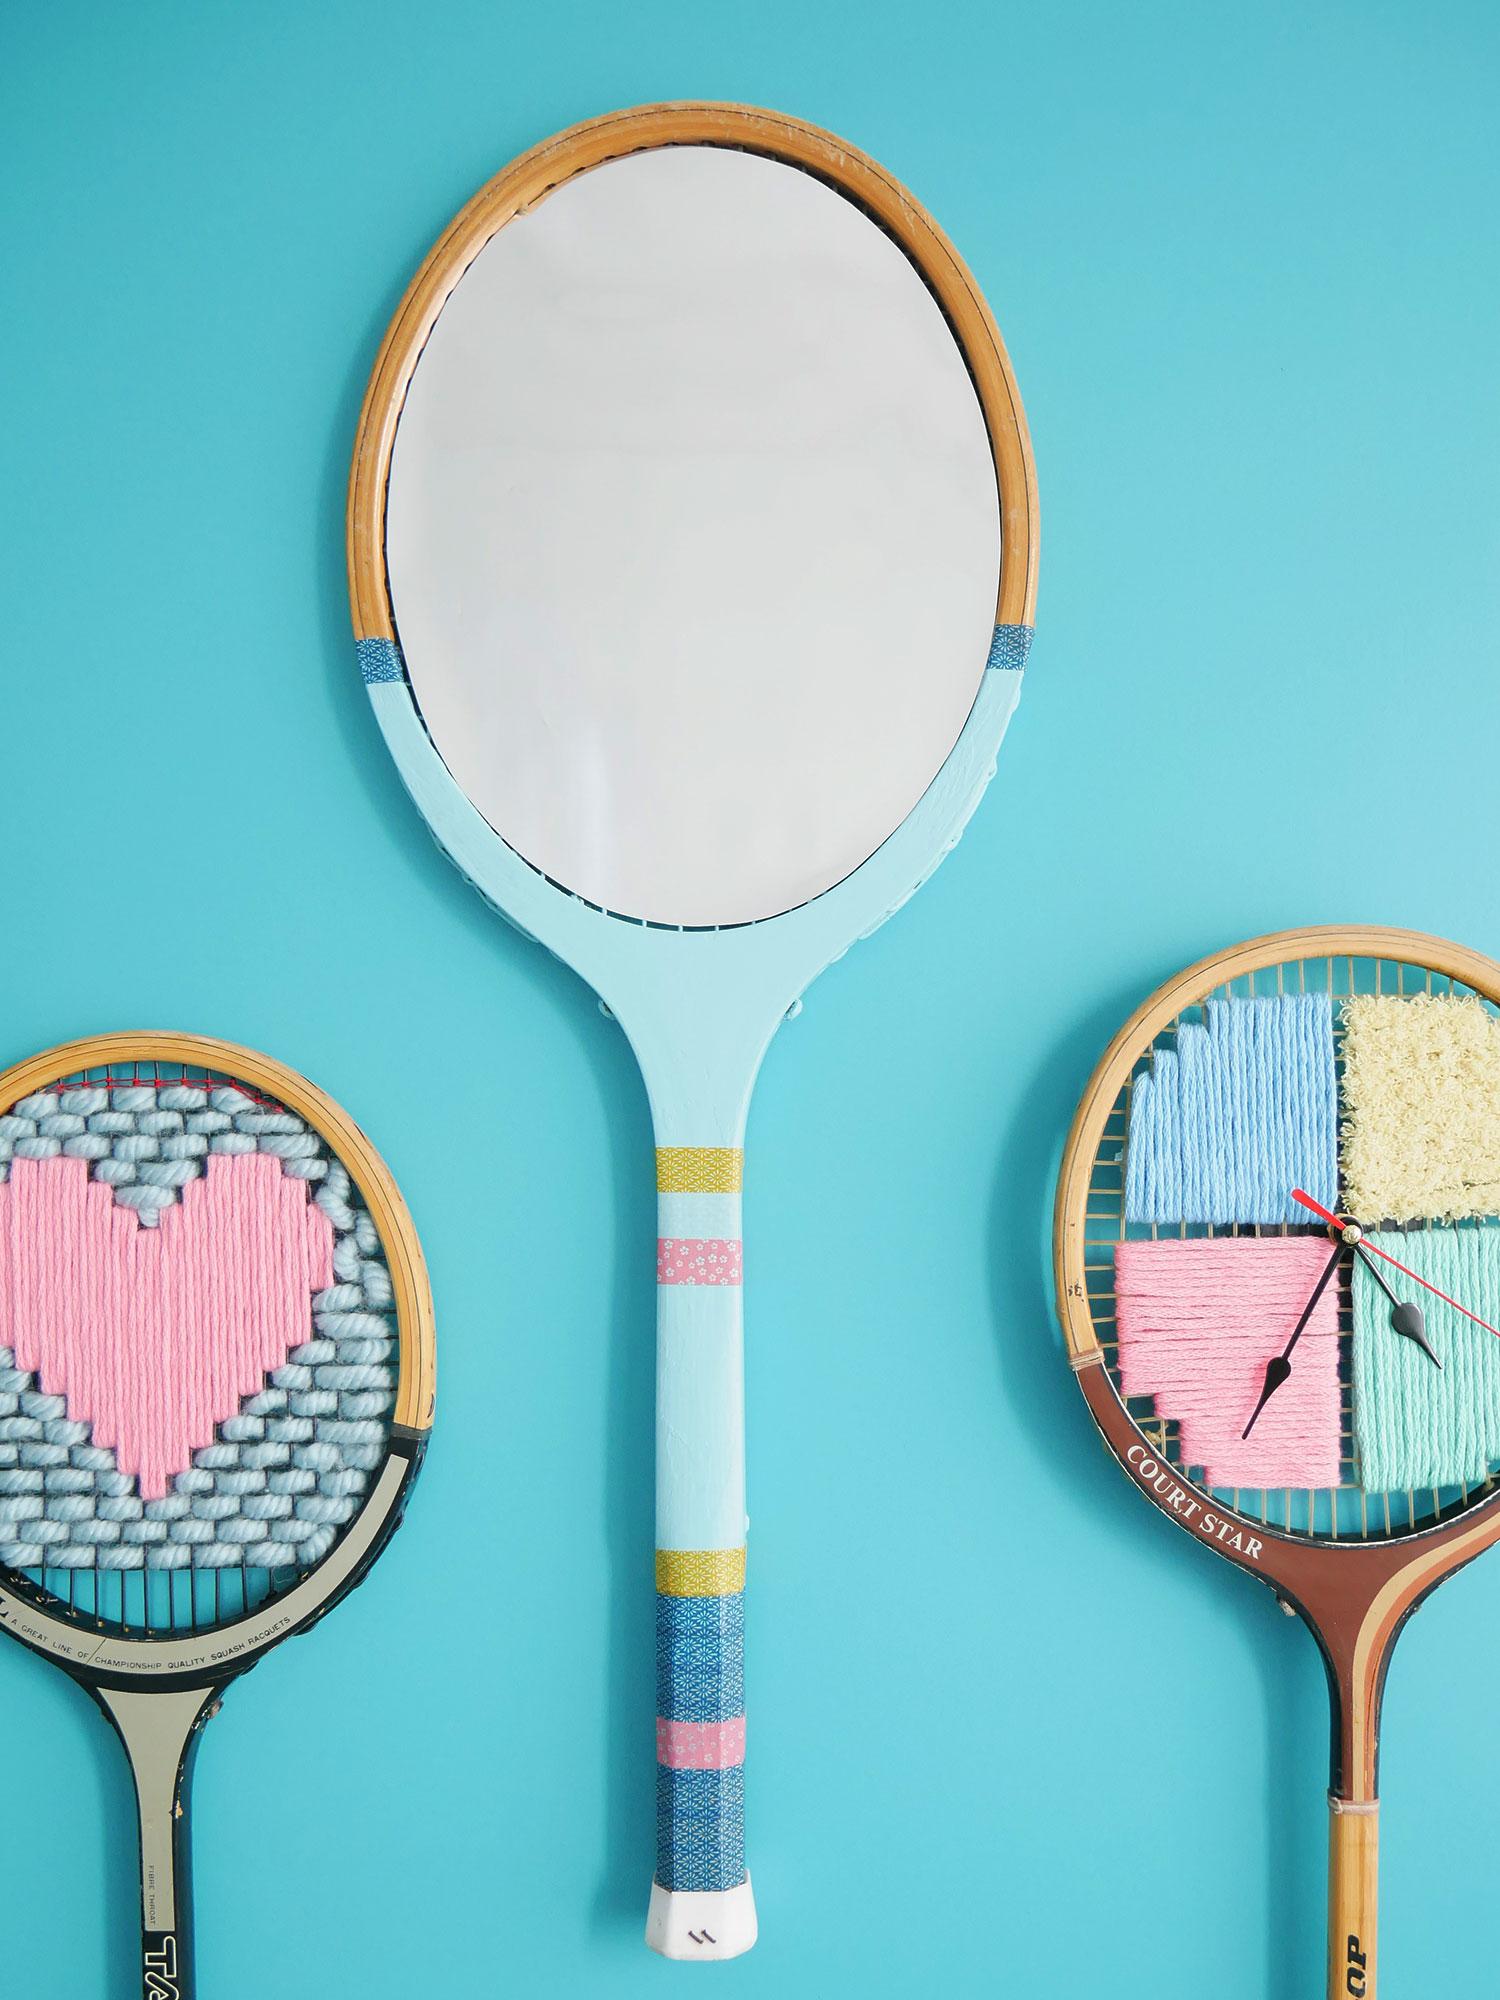 DIY | Une raquette vintage transformée en miroir